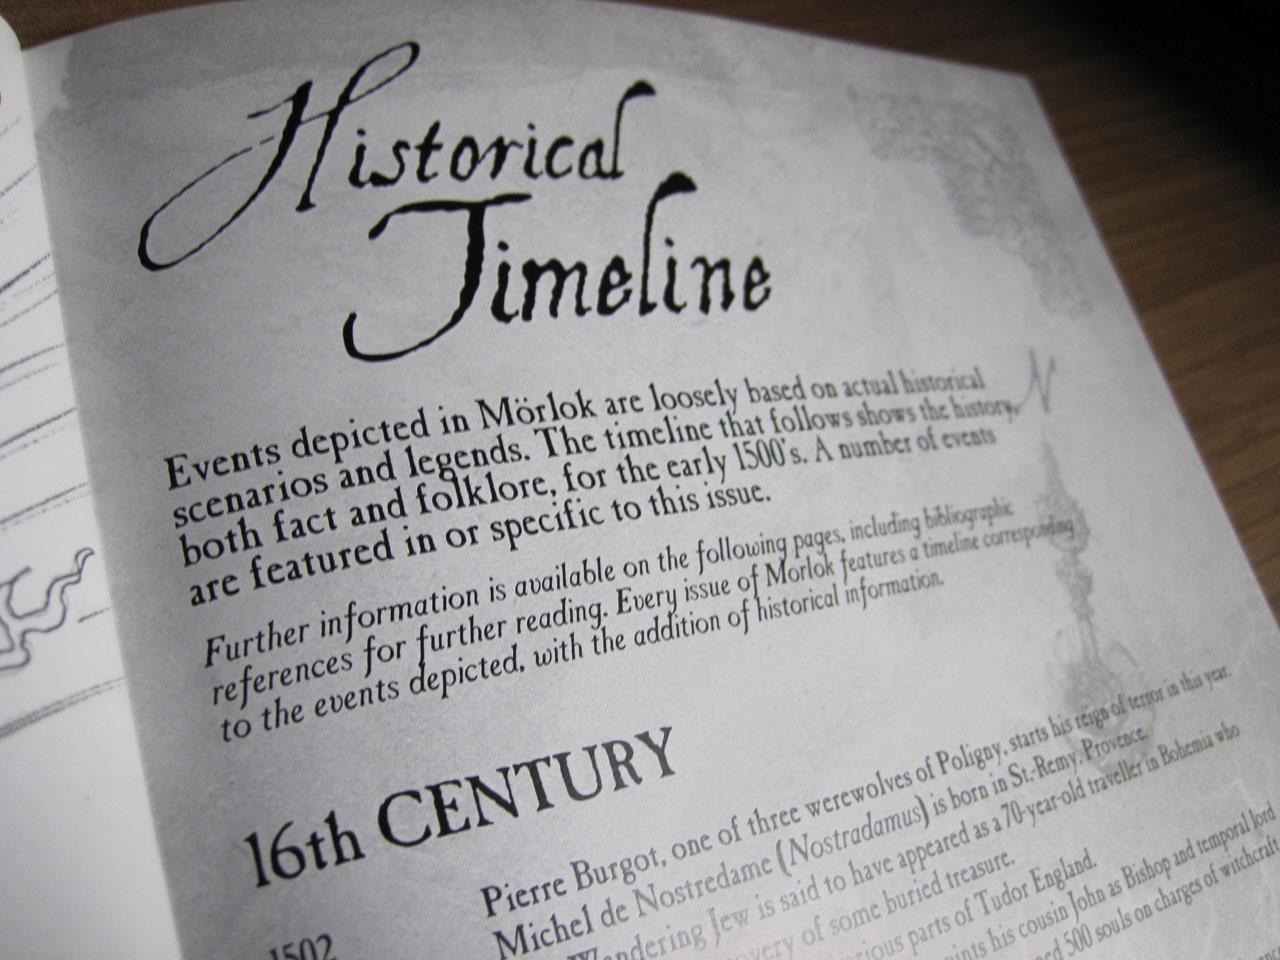 Historical Timeline in Morlok